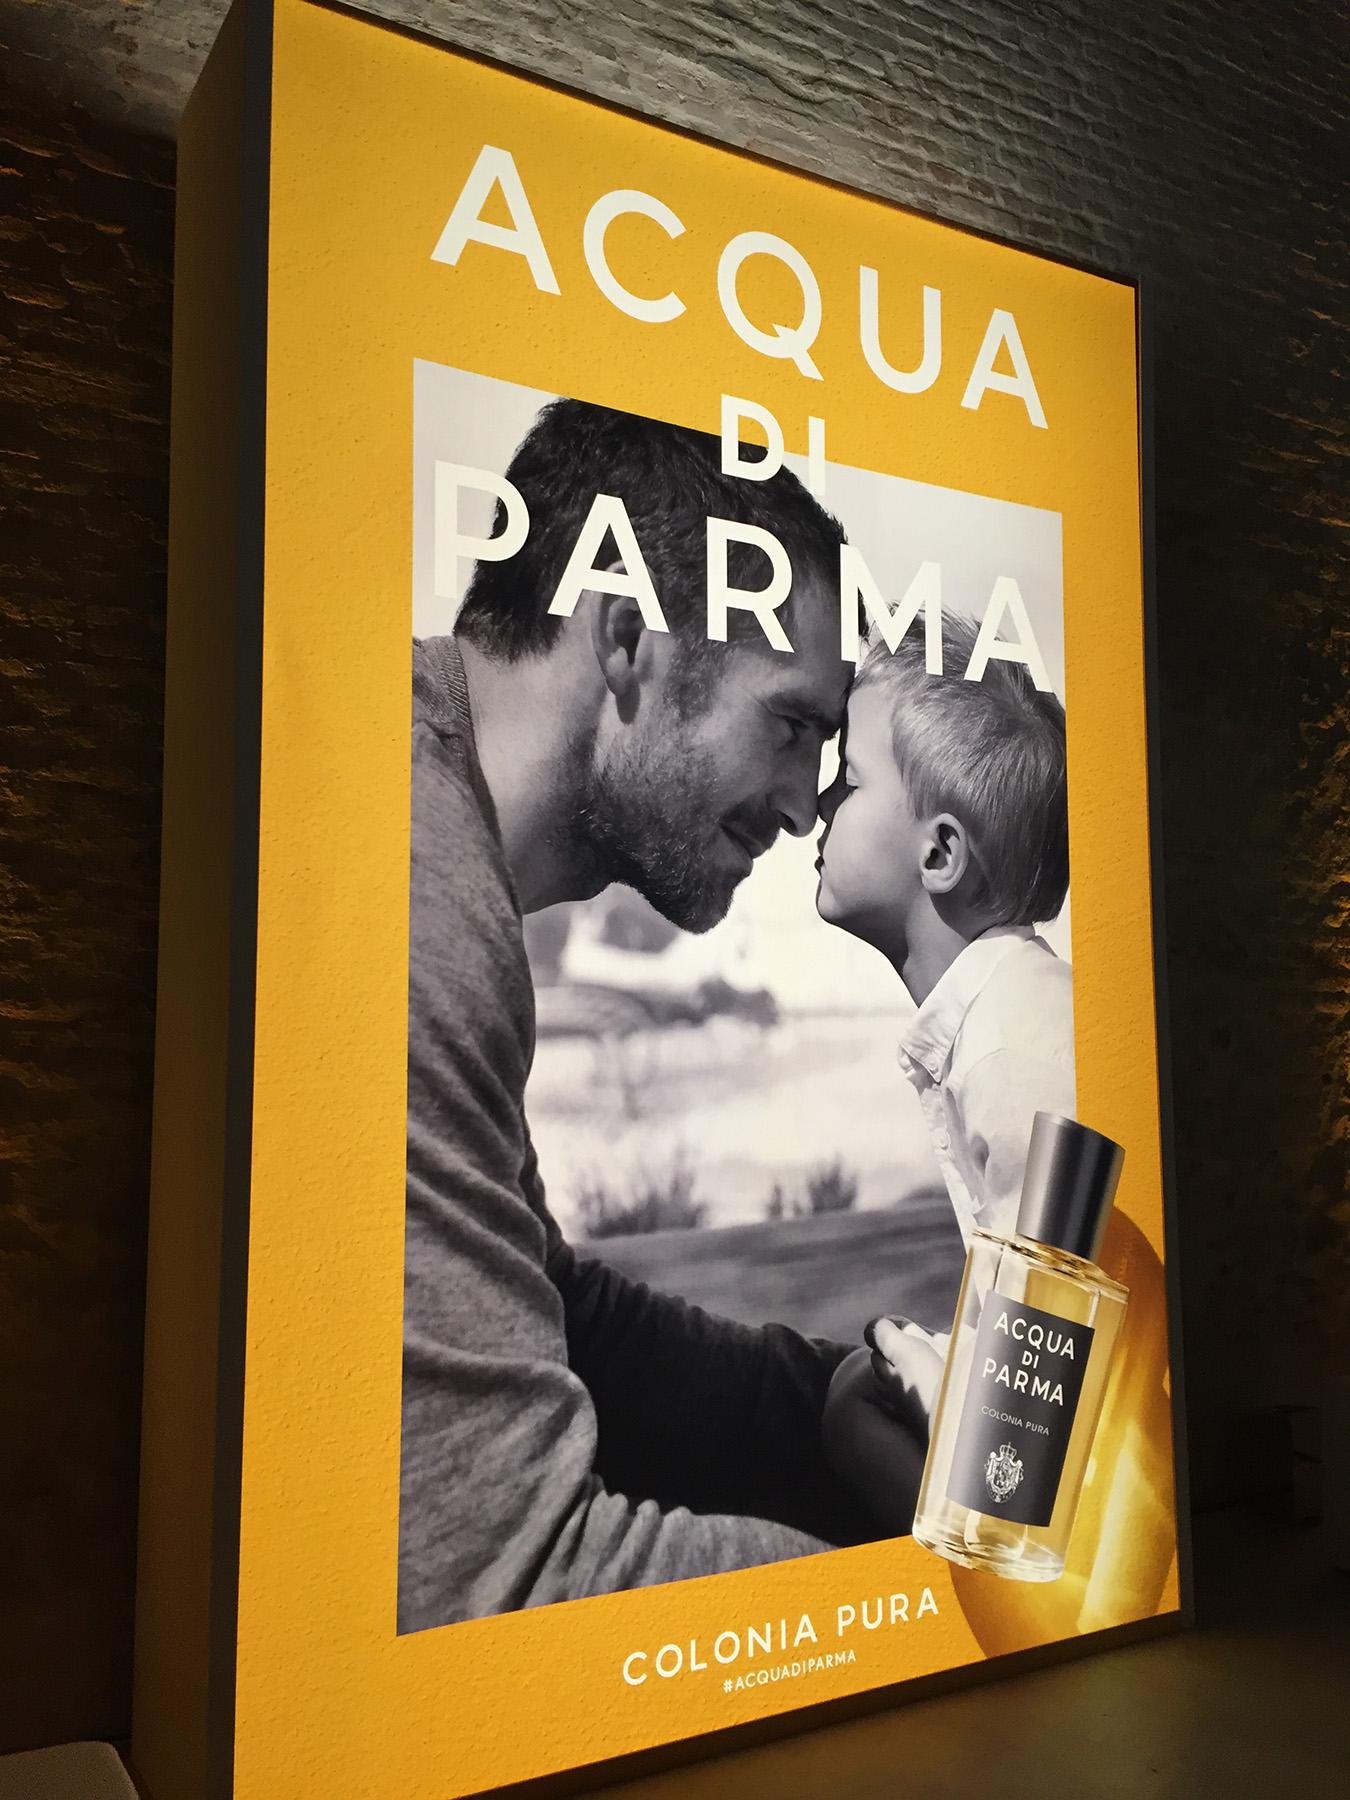 Acqua di Parma Colonia Pura ad